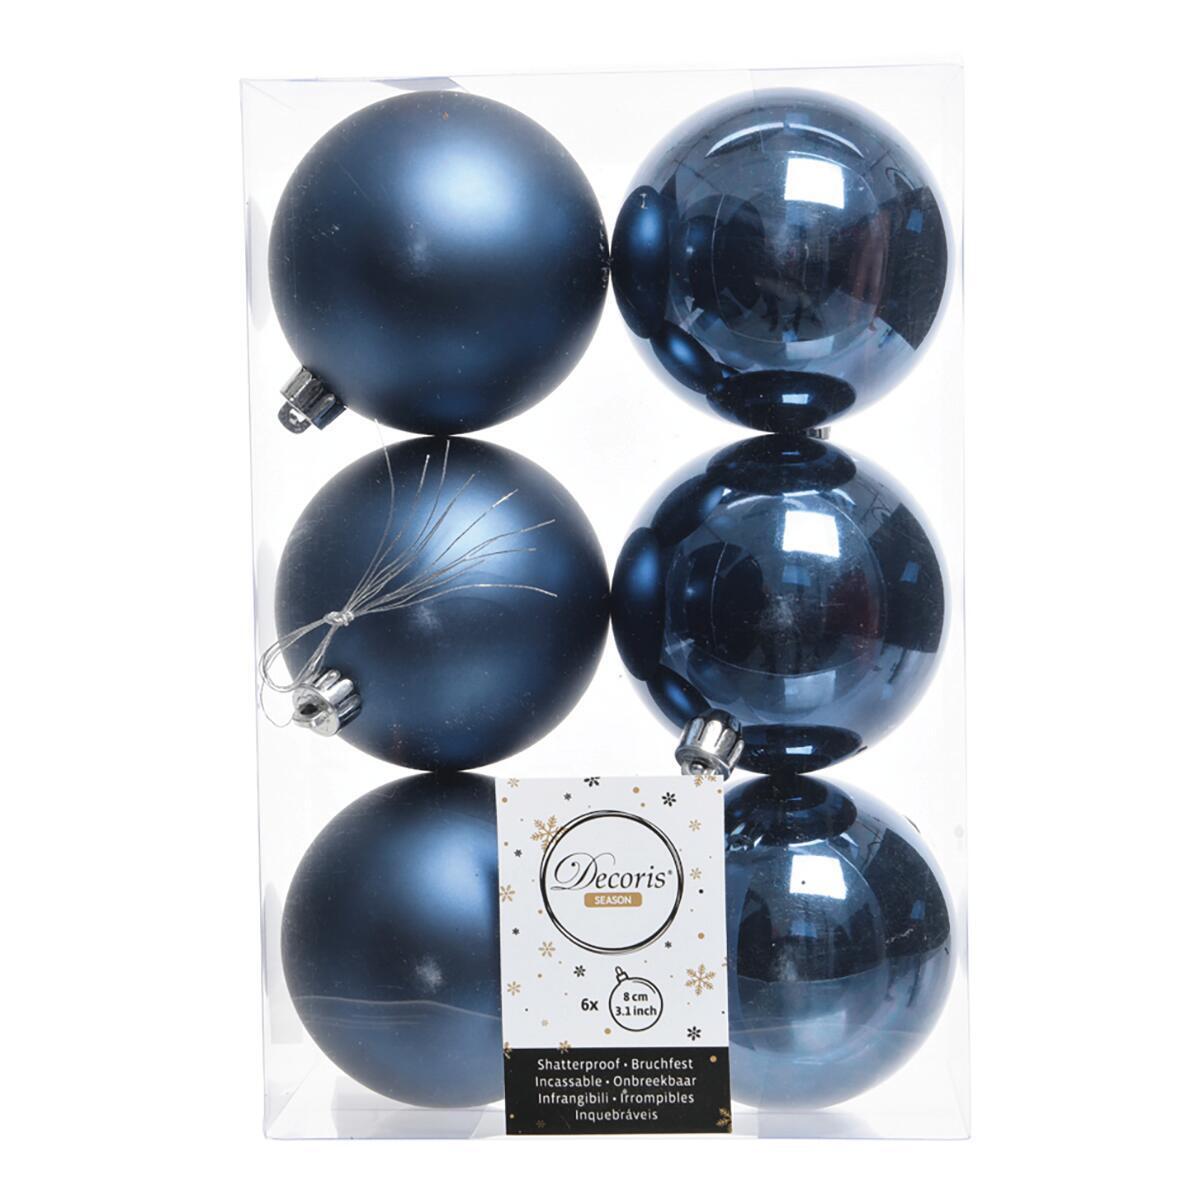 Sfera natalizia in plastica Ø 8 cm confezione da 6 pezzi - 2